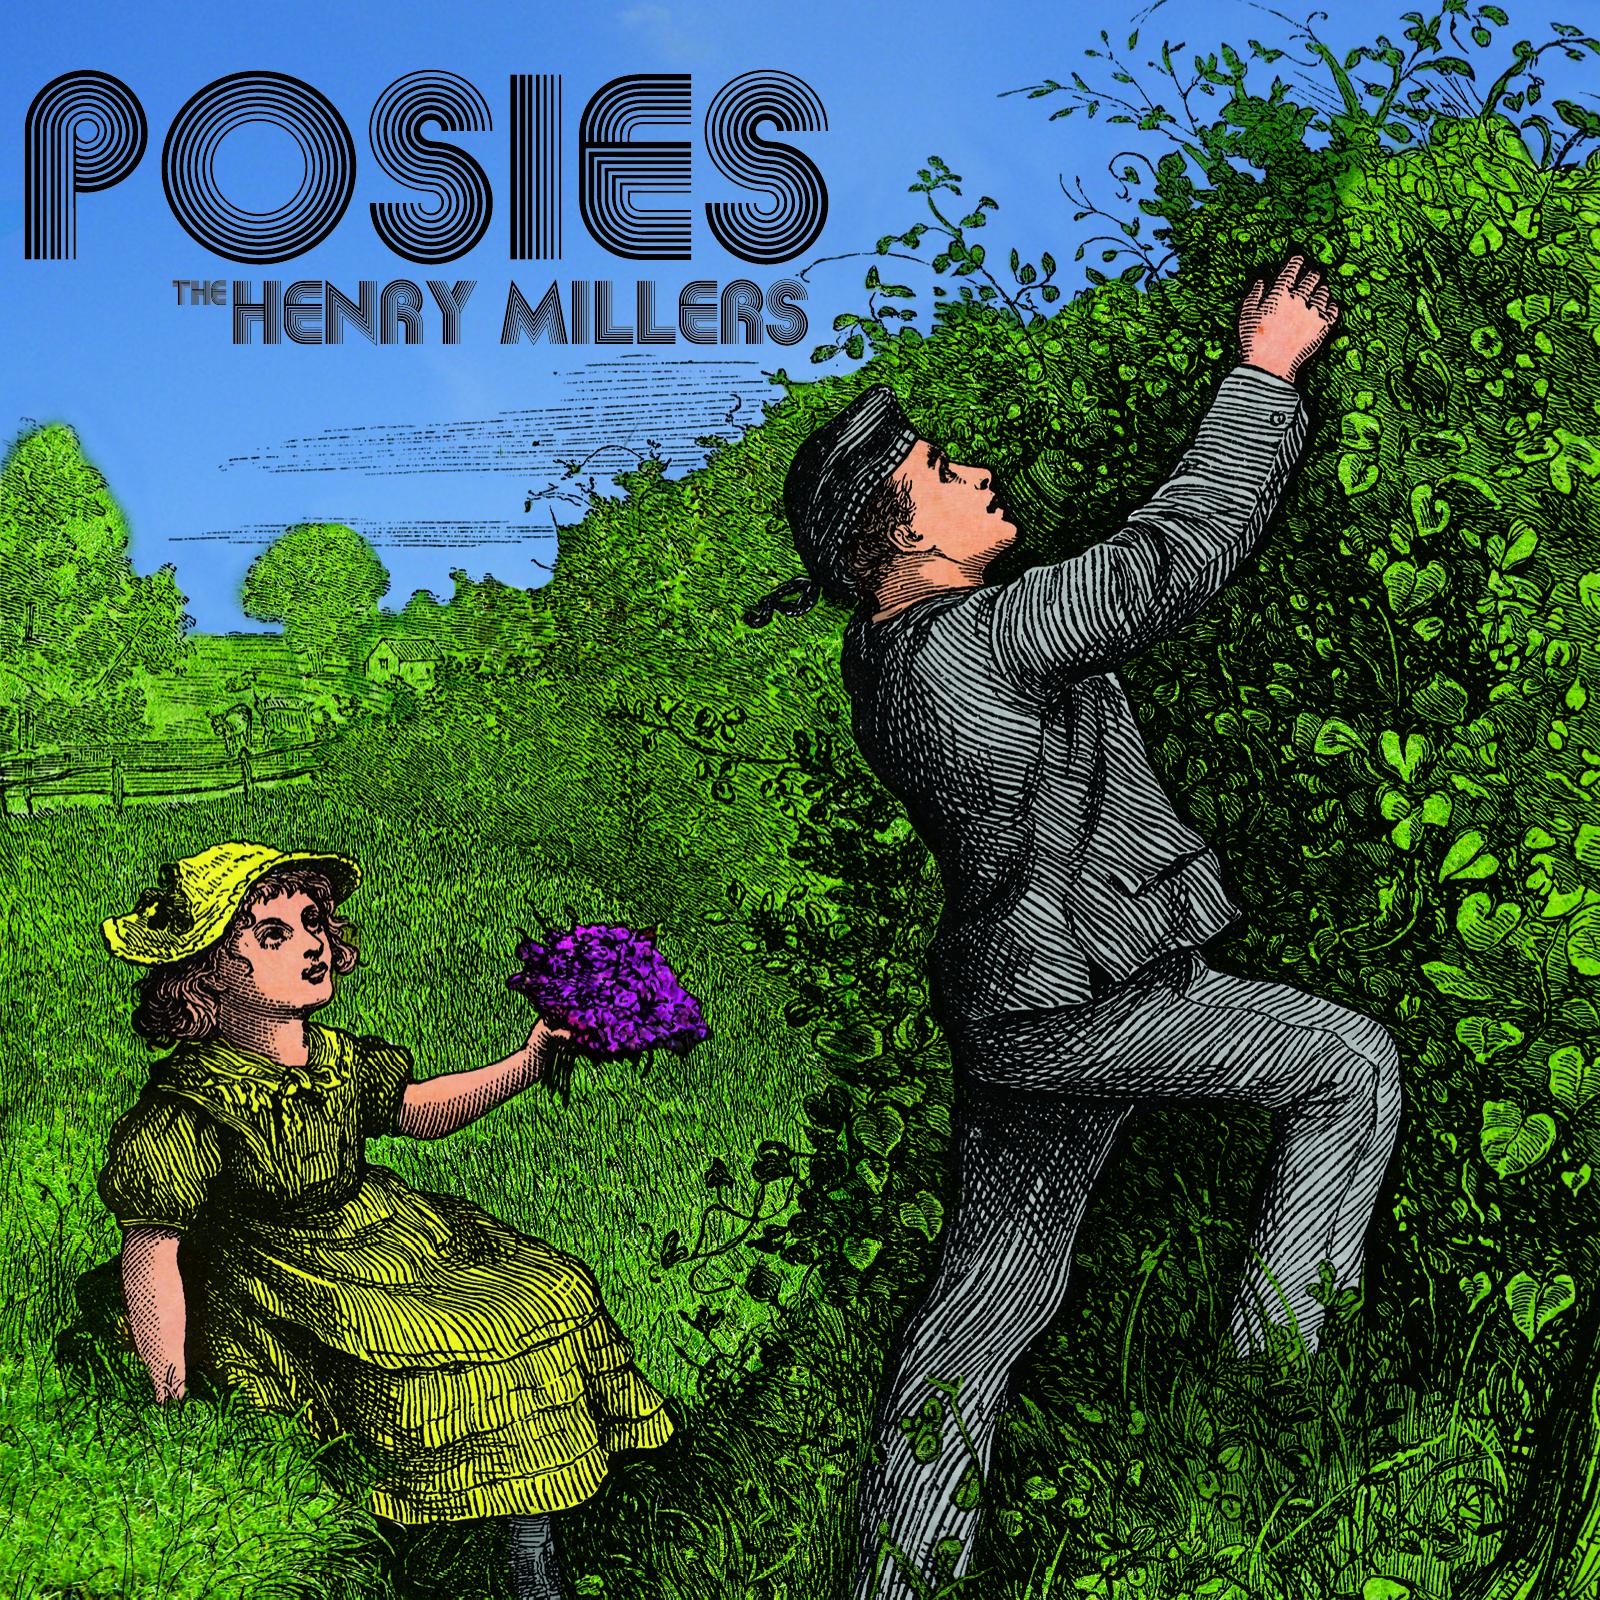 Henry-Millers-Color-final-color-1.jpg